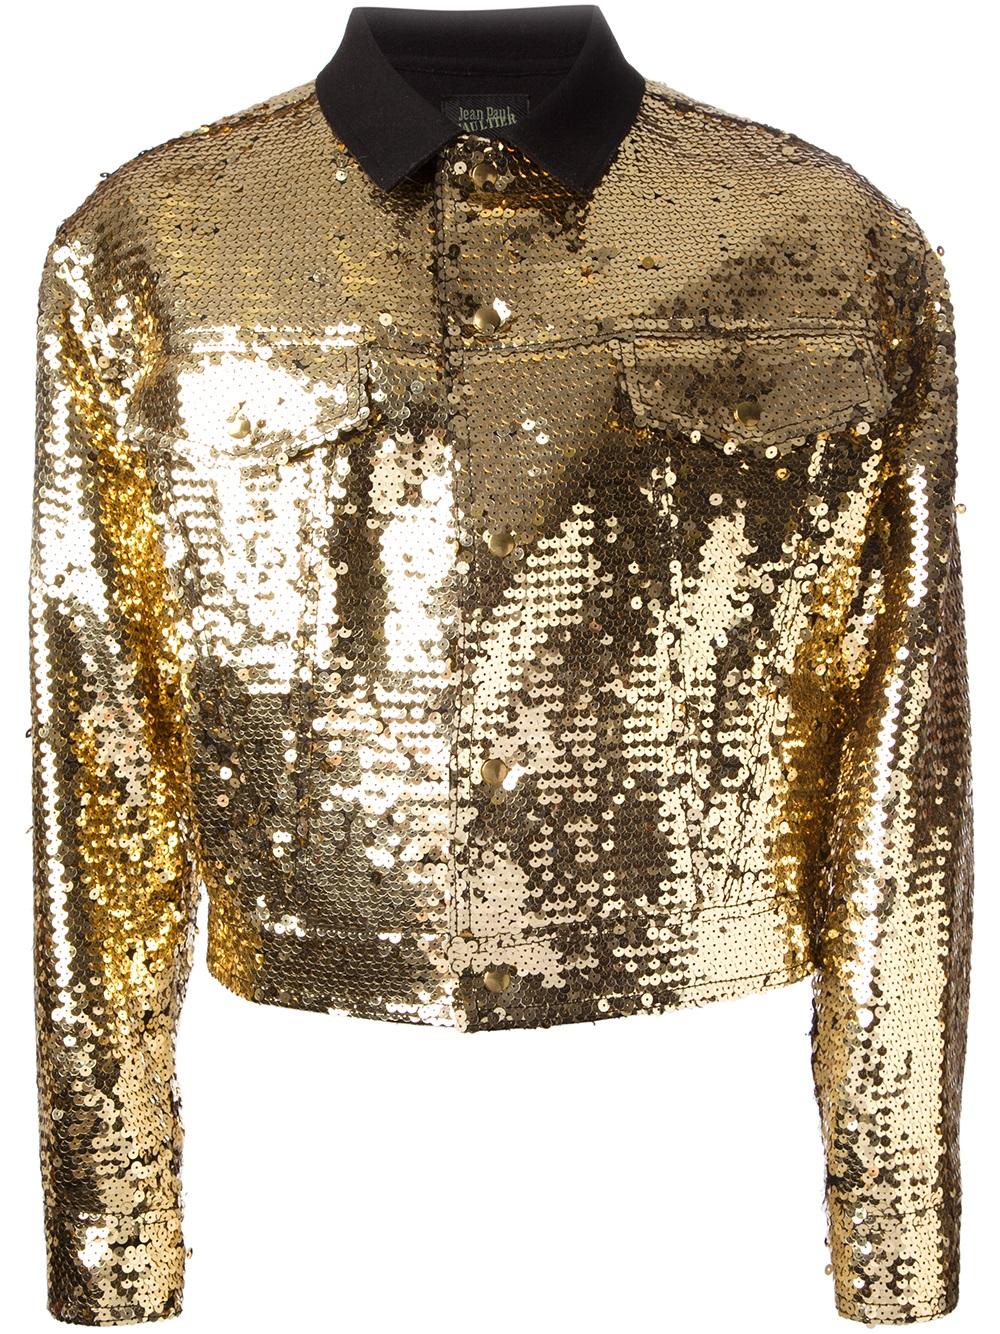 Jean paul gaultier men's clothing online